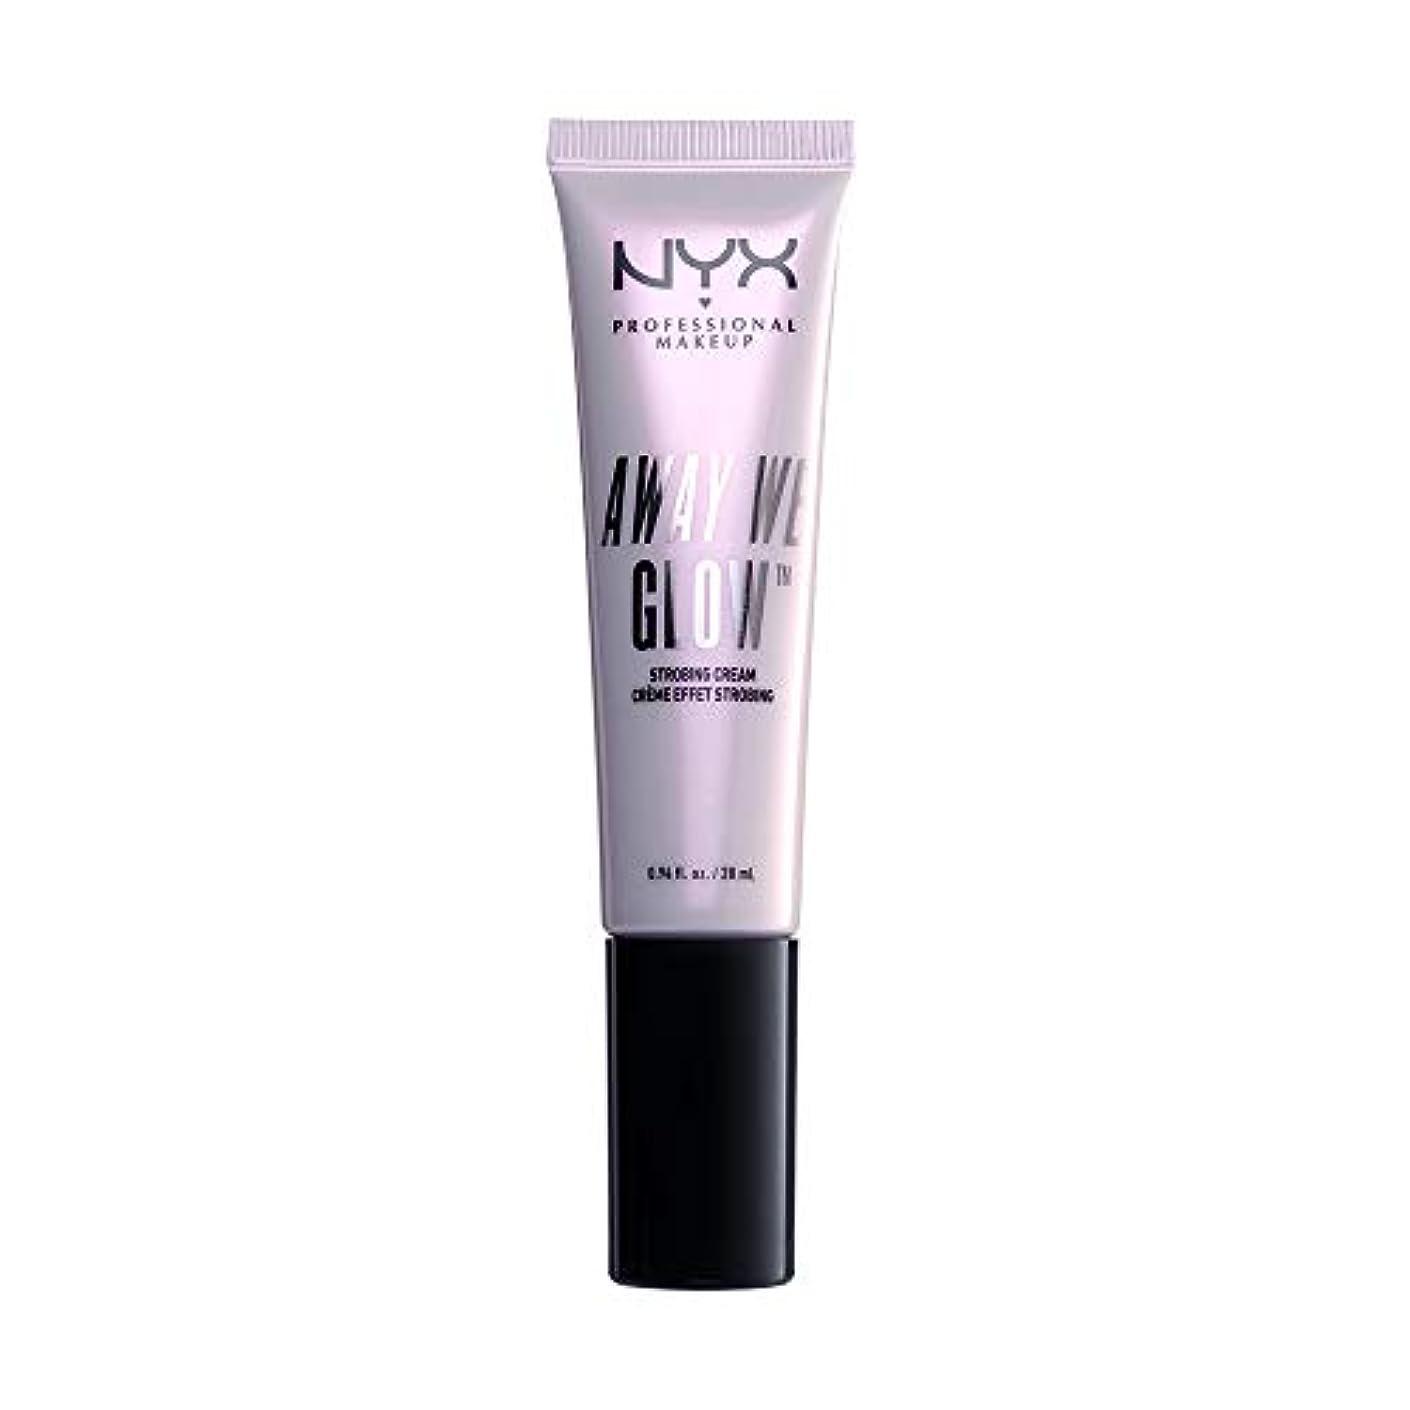 黄ばむ報酬実施するNYX(ニックス) アウェイ ウィー グロー ストロビングクリームA 02 カラー グローティーニ